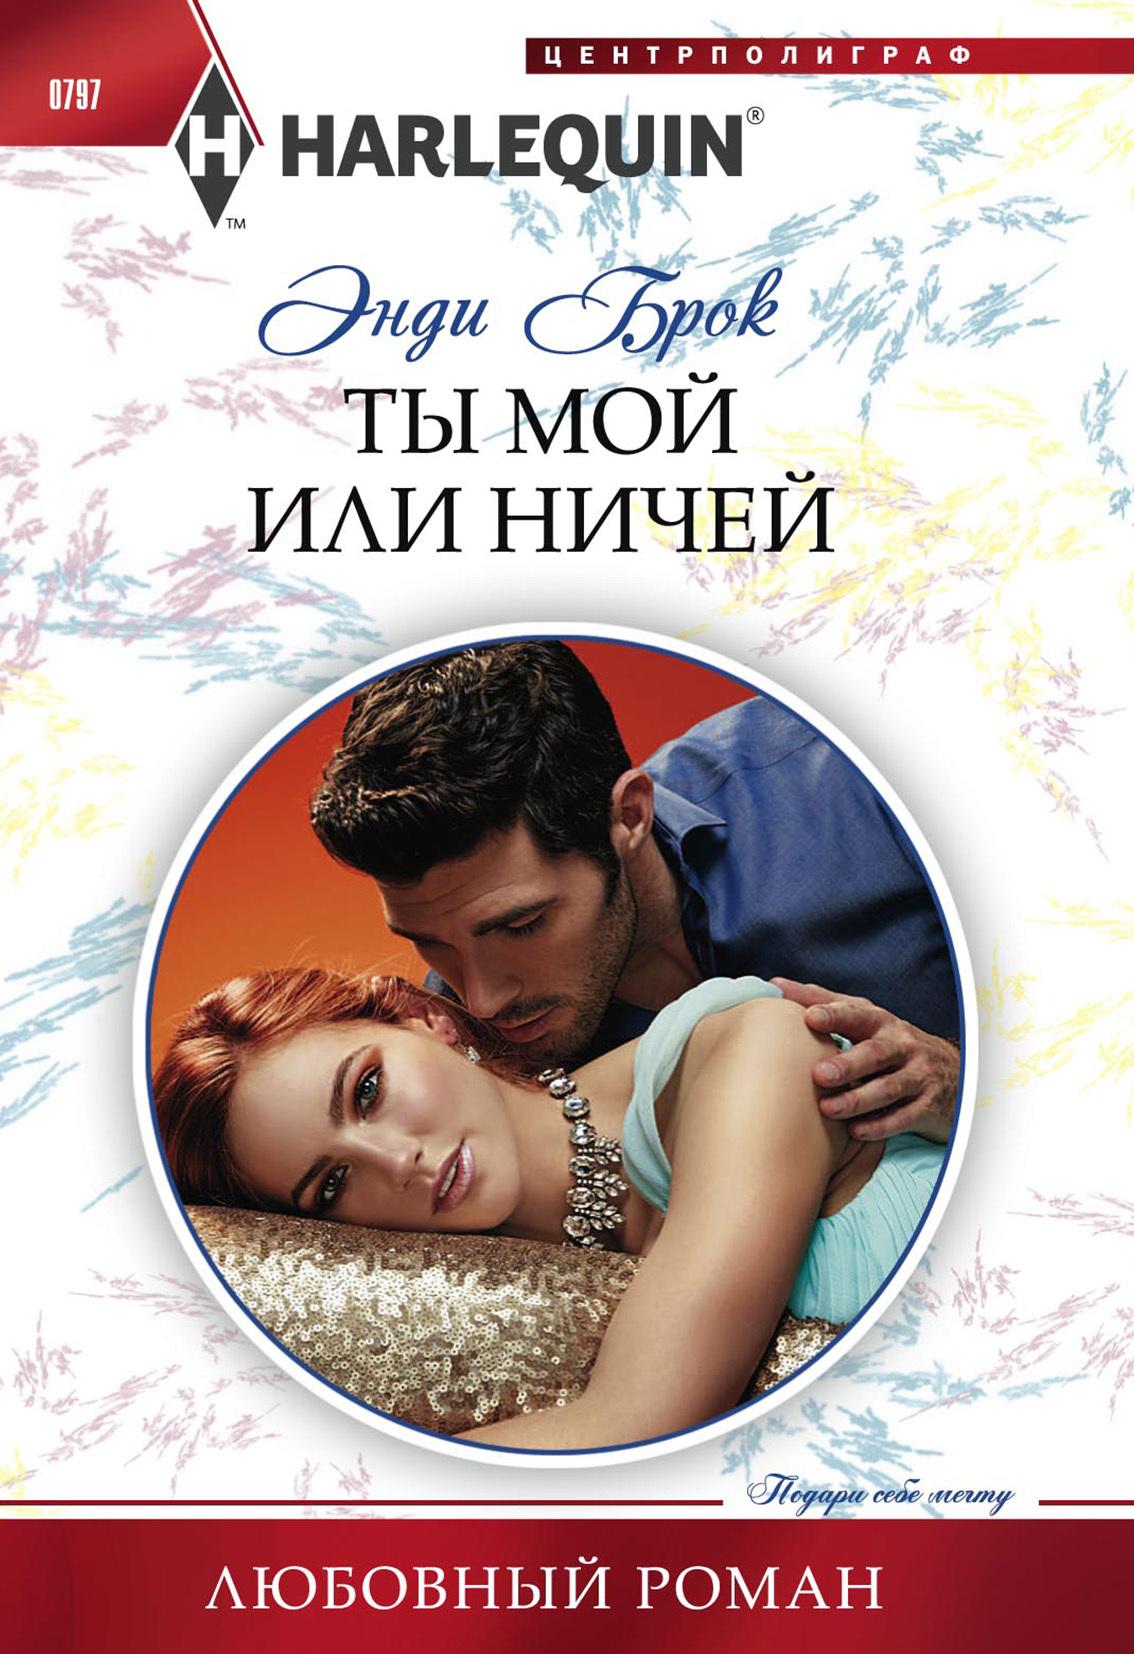 Слушать онлайн аудиокниги любовные романы.